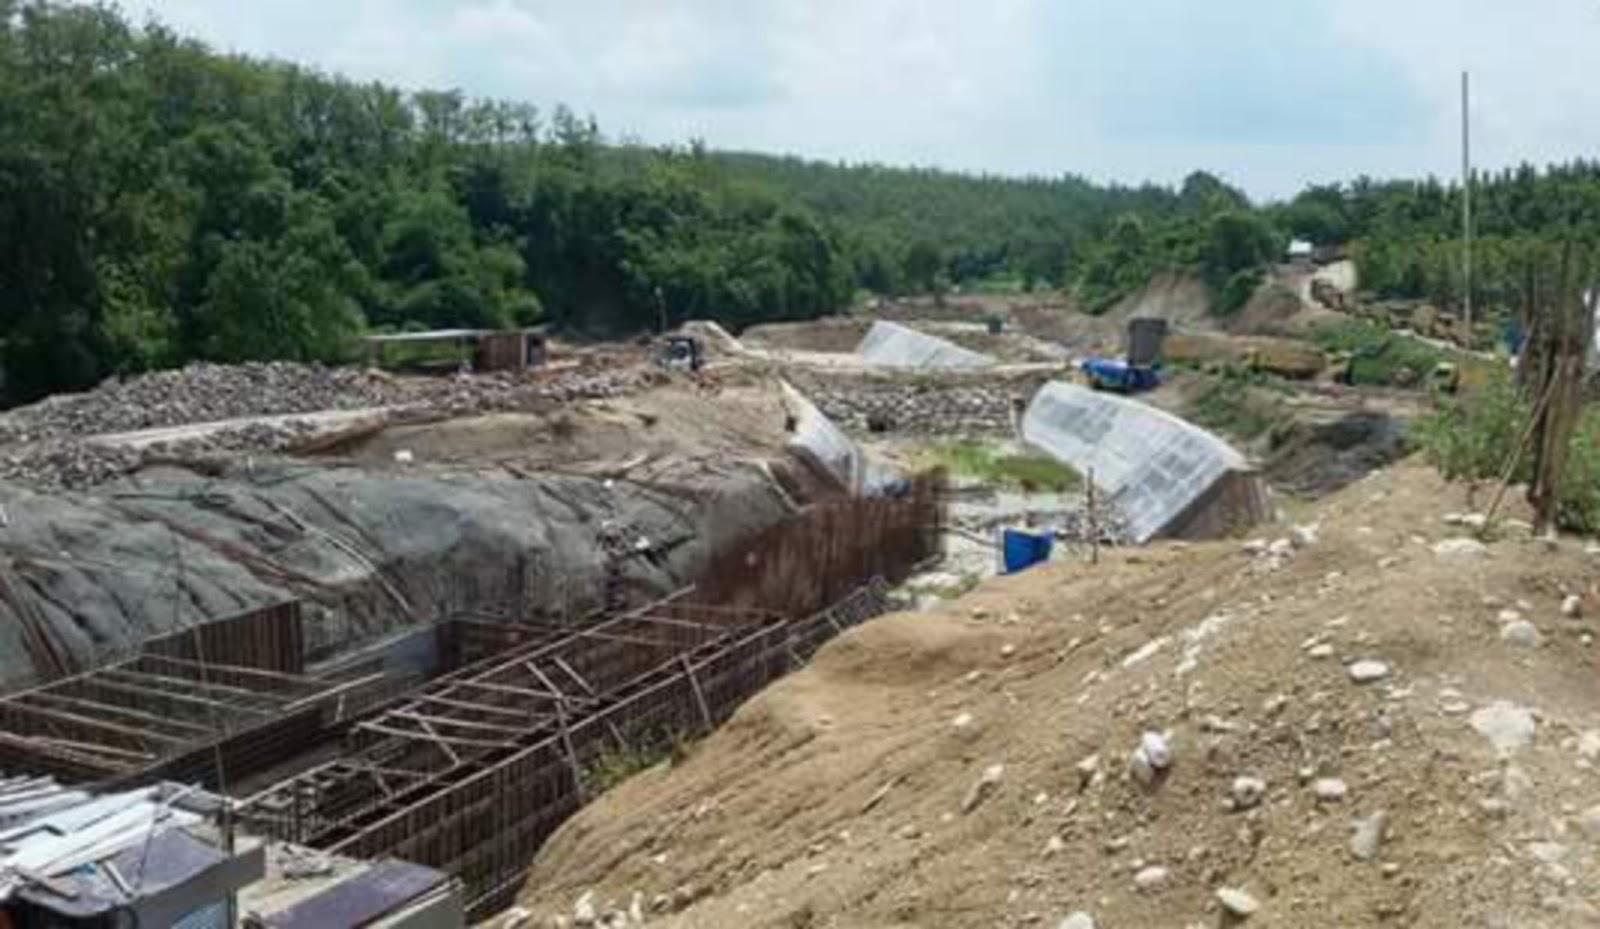 Pembangunan waduk Gongseng di Bojonegoro (dok. pemerintah kabupaten bojonegoro)